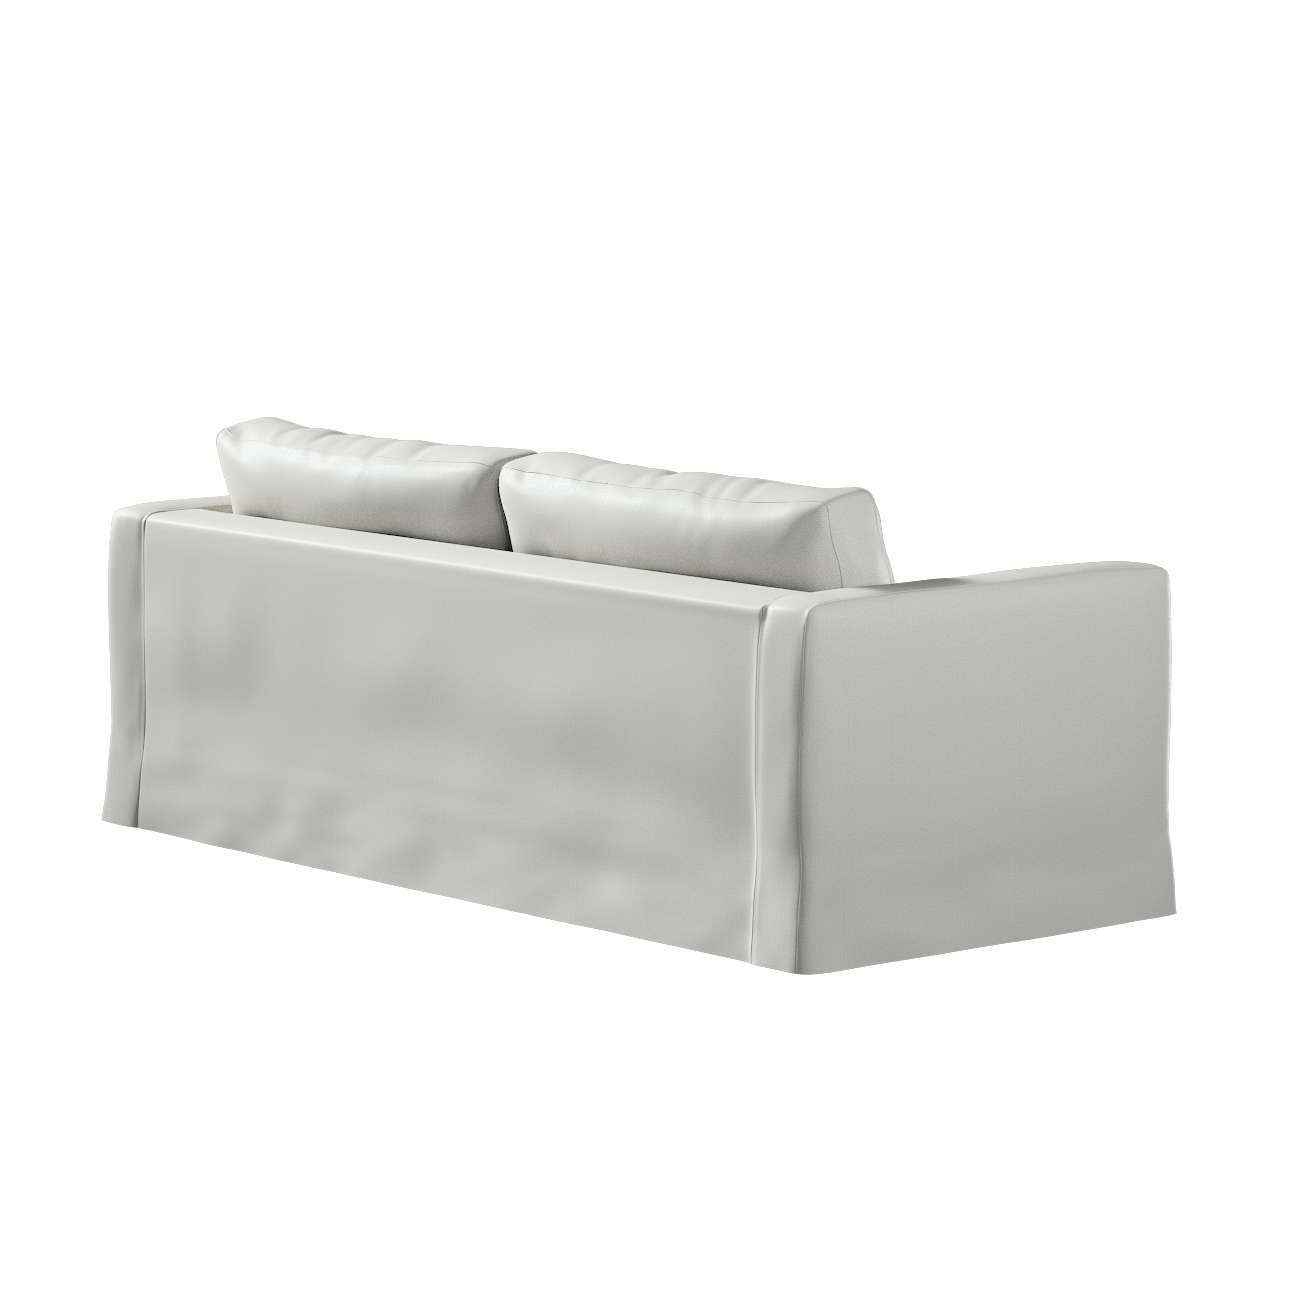 Potah na pohovku IKEA  Karlstad 3-místná, nerozkládací, dlouhý v kolekci Bergen, látka: 161-84